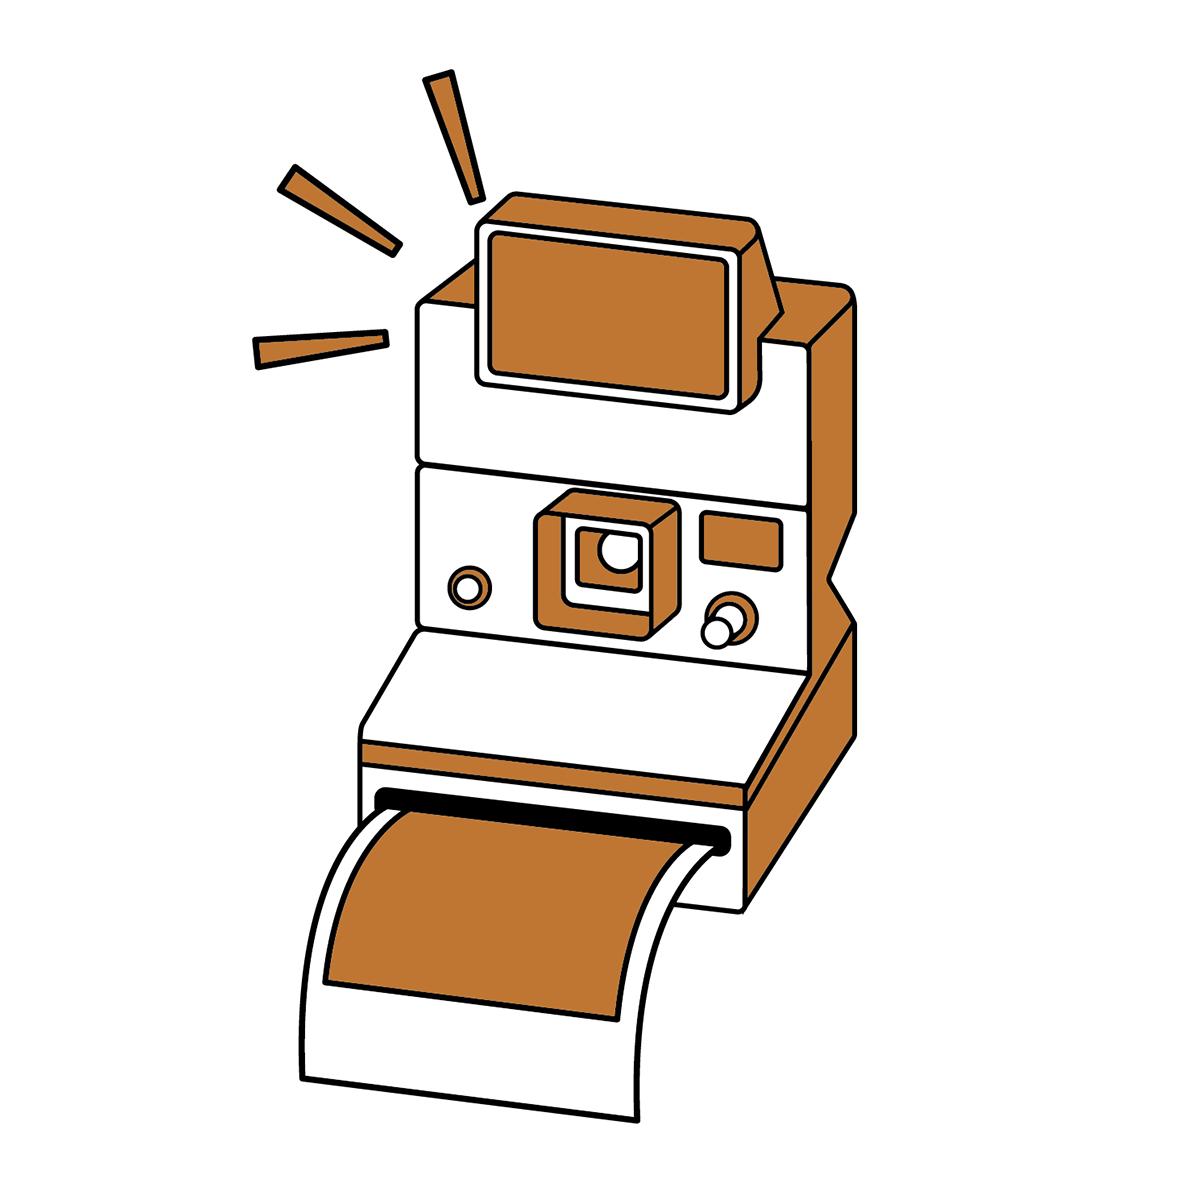 MIG8001 - Workbench Organiser, Oppbevaringssystem